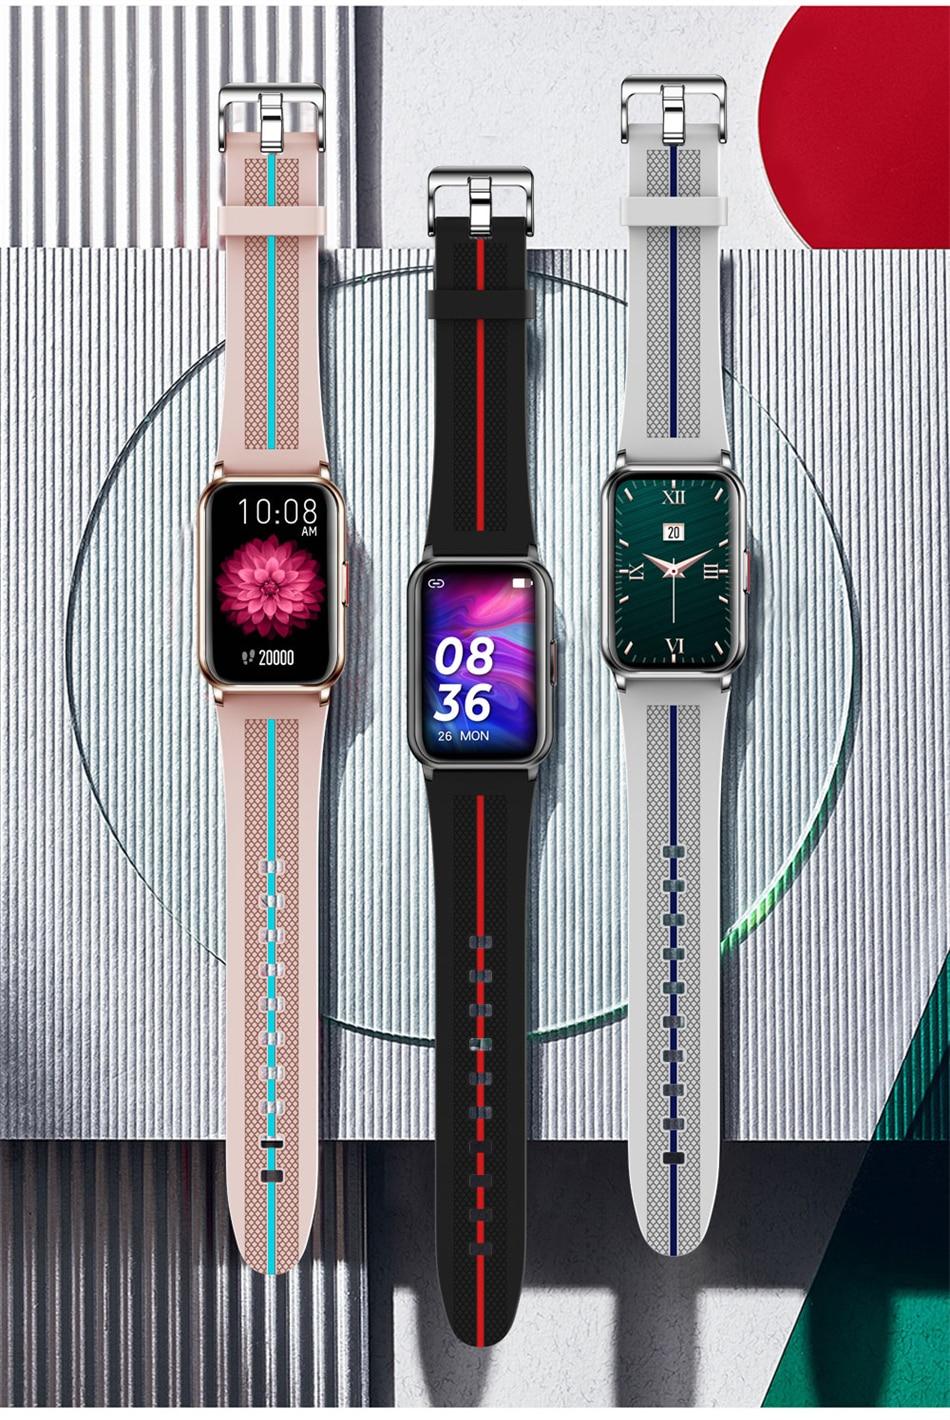 H2b09198e6e2c43afa1a17120e016bb0aB New Smart Band Watch Fitness Tracker Bracelet Waterproof Smartwatch Heart Rate Monitor Blood Oxygen LED Screen For Huawei Xiaomi